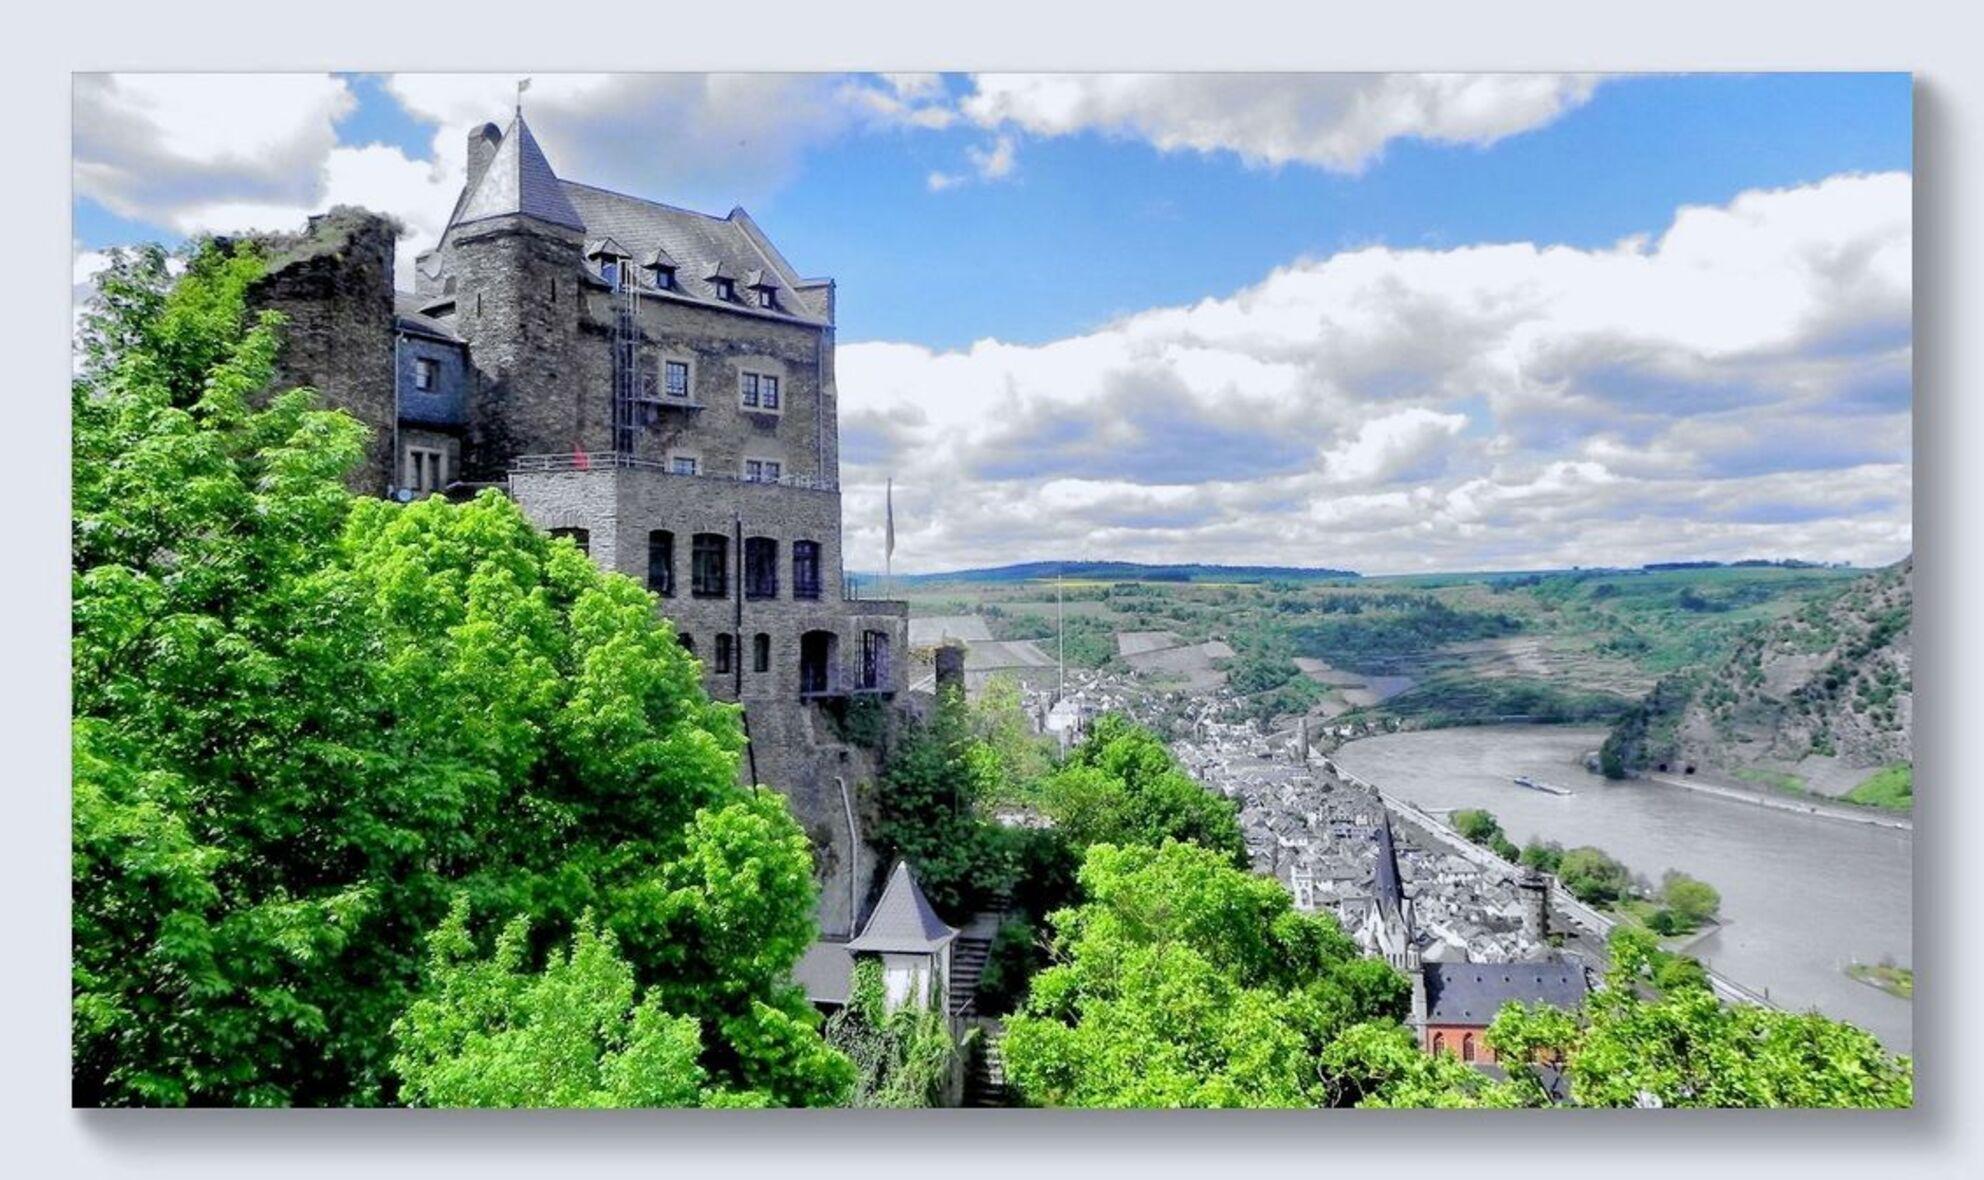 Voorjaar aan de Rijn 2 - Burg(hotel) Schönburg boven Oberwesel, een prachtig lang gerekt haast nog Middeleeuws aandoend stadje langs de Midden-Rijn. Het stadje bezit nog alti - foto door ariebouwmeester op 27-03-2016 - deze foto bevat: lente, kasteel, landschap, rivier, rijn, oberwesel - Deze foto mag gebruikt worden in een Zoom.nl publicatie